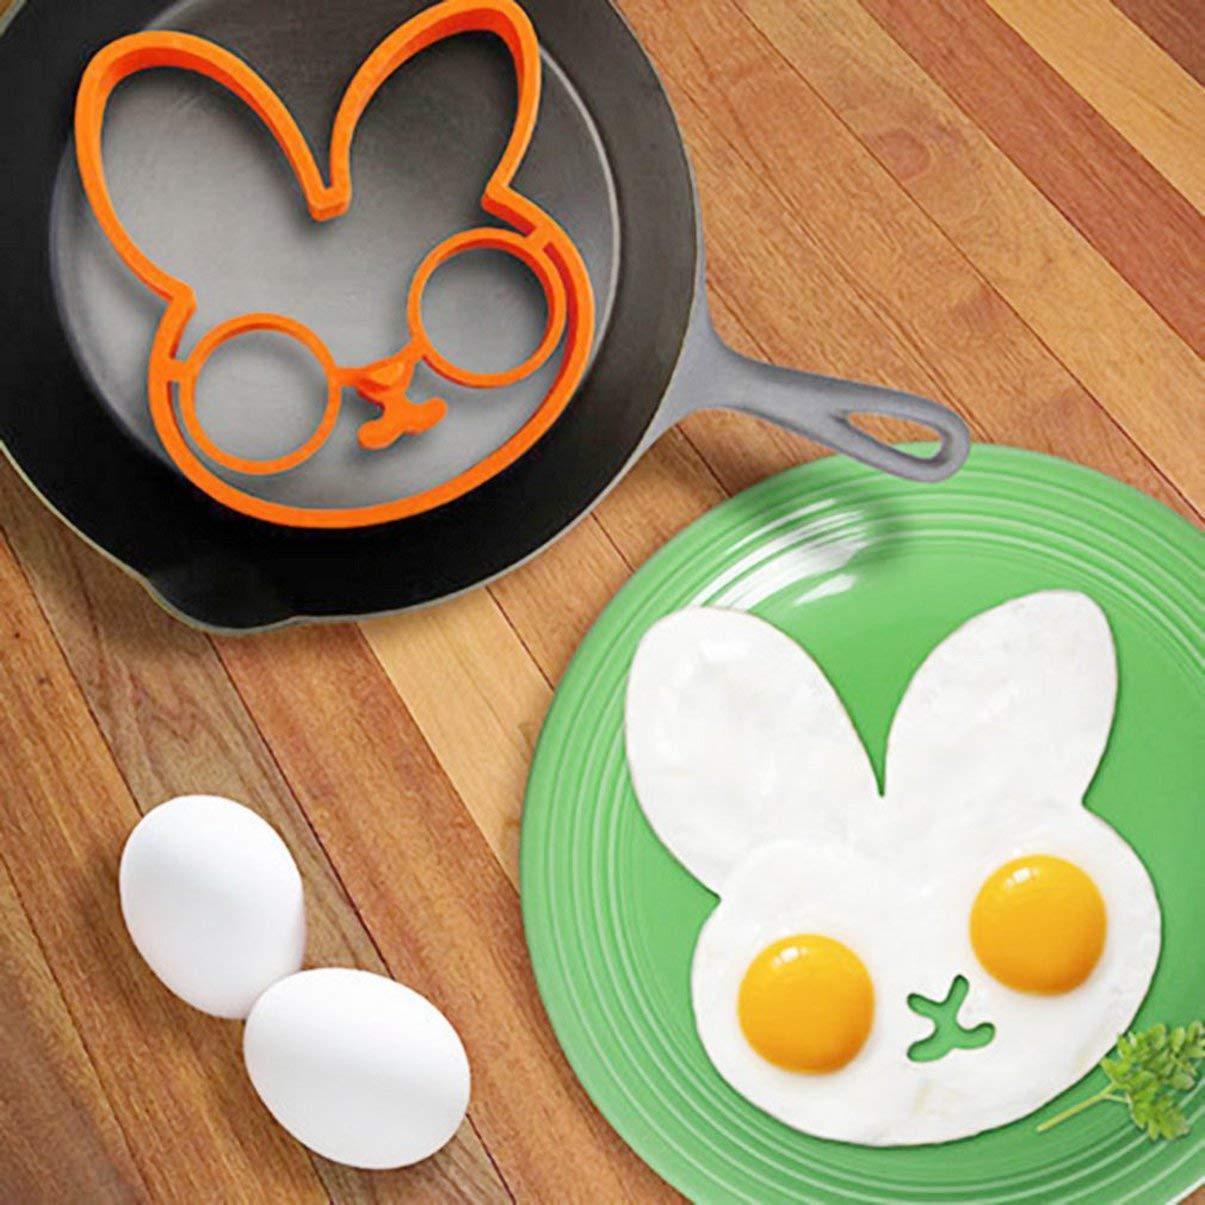 Naranja Desayuno Silicone Rabbit Fried Egg Molde Anillo Panqueque Shaper Herramientas de Cocina Utensilios de Cocina Regalo para Niños Oferta de Stock: ...